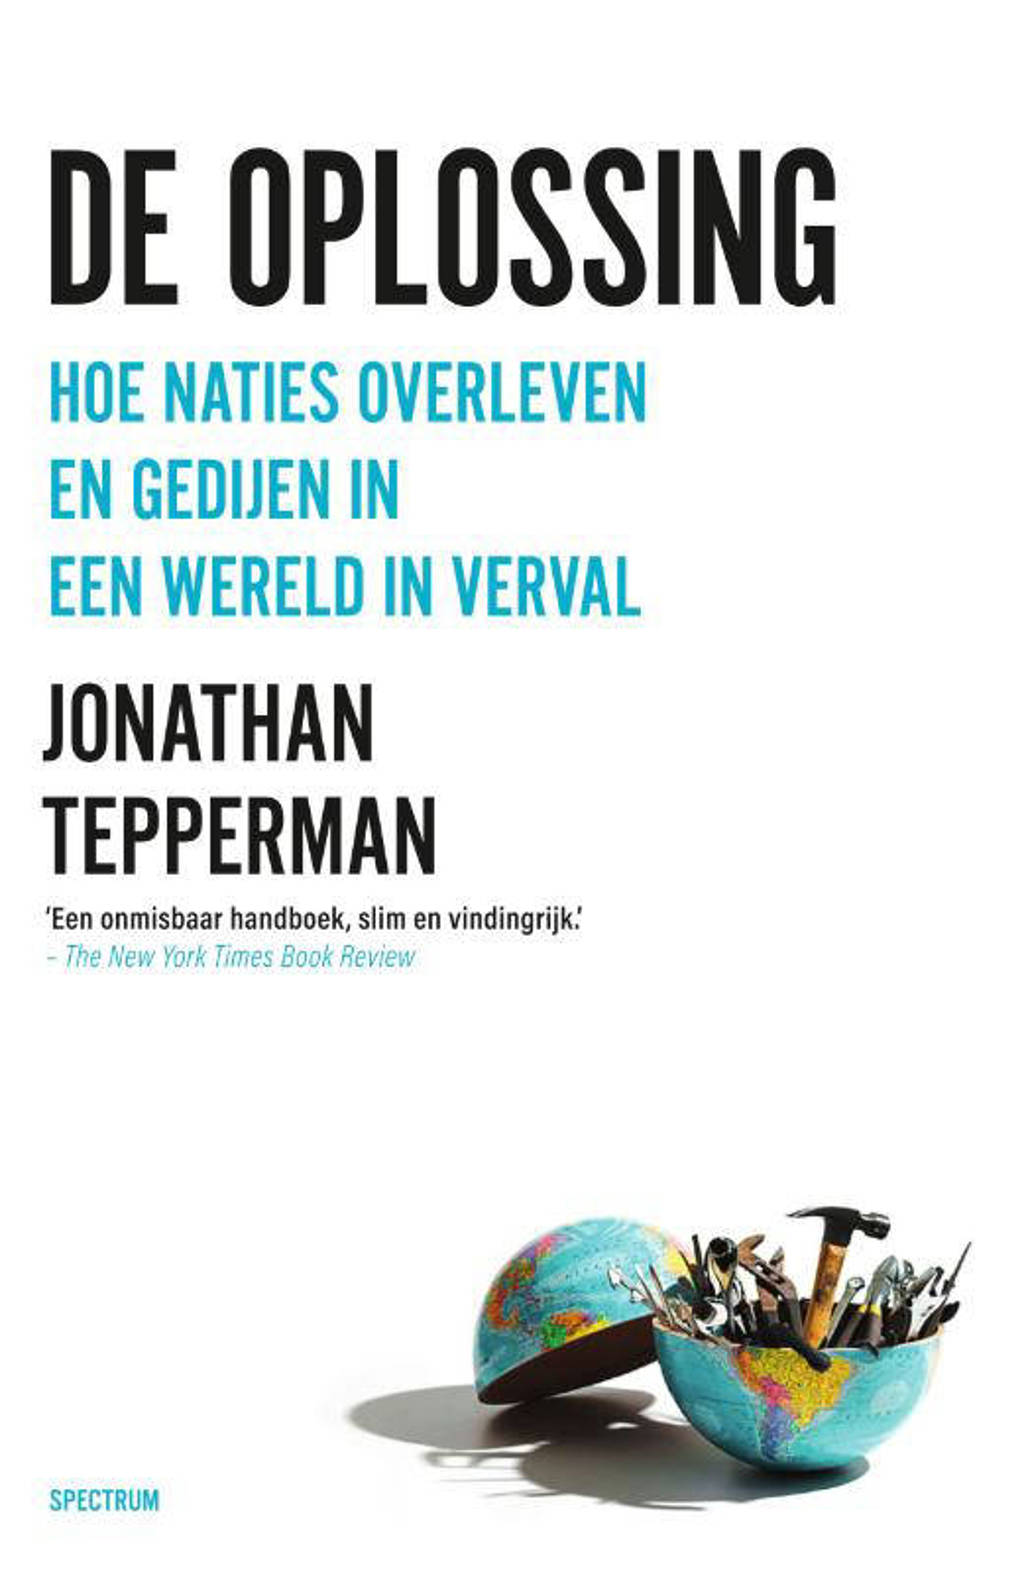 De oplossing - Jonathan Tepperman